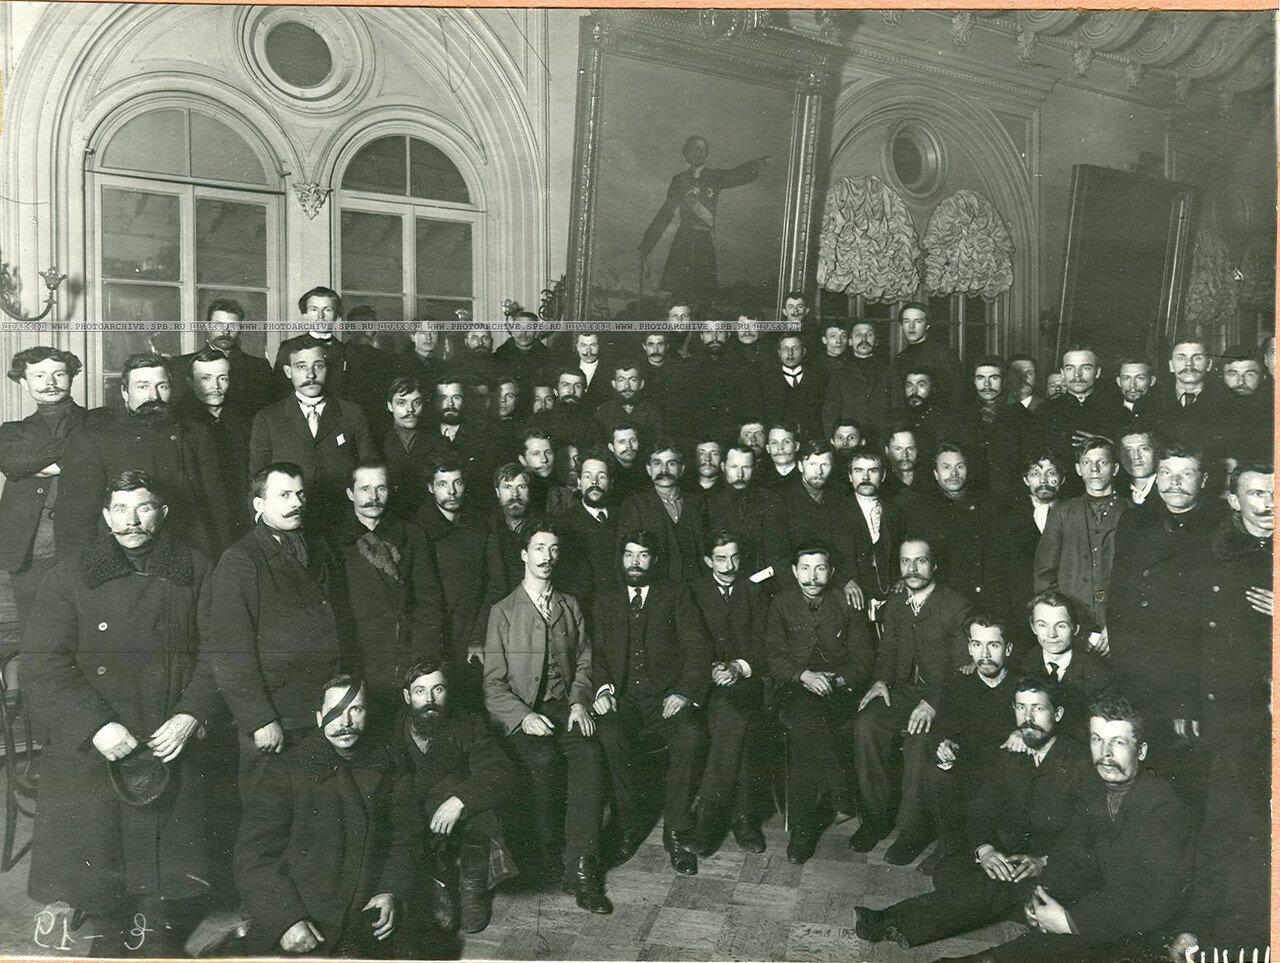 Группа выборщиков рабочей курии в день выборов во Вторую Государственную думу в зале Городской думы